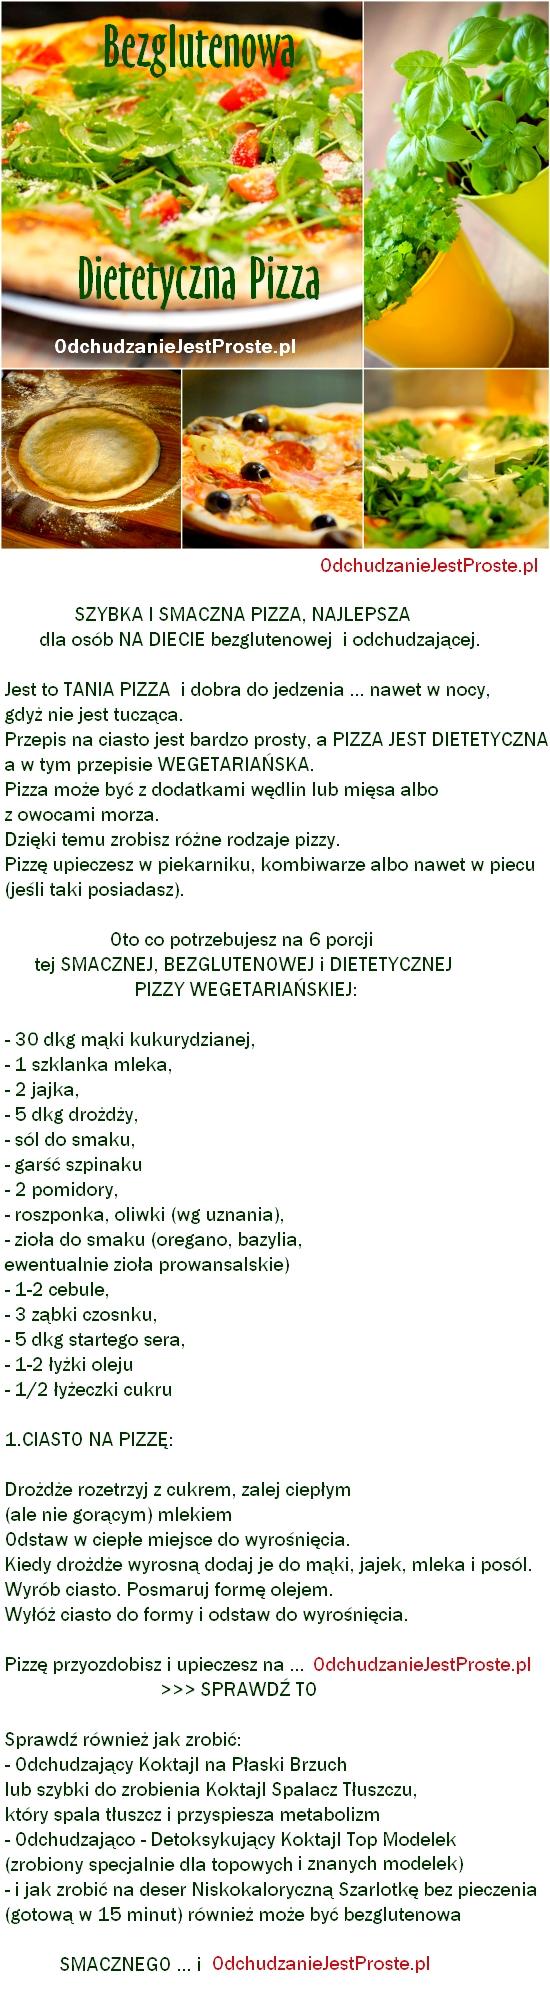 dietetyczna pizza bezglutenowa dla tych co się odchudzają